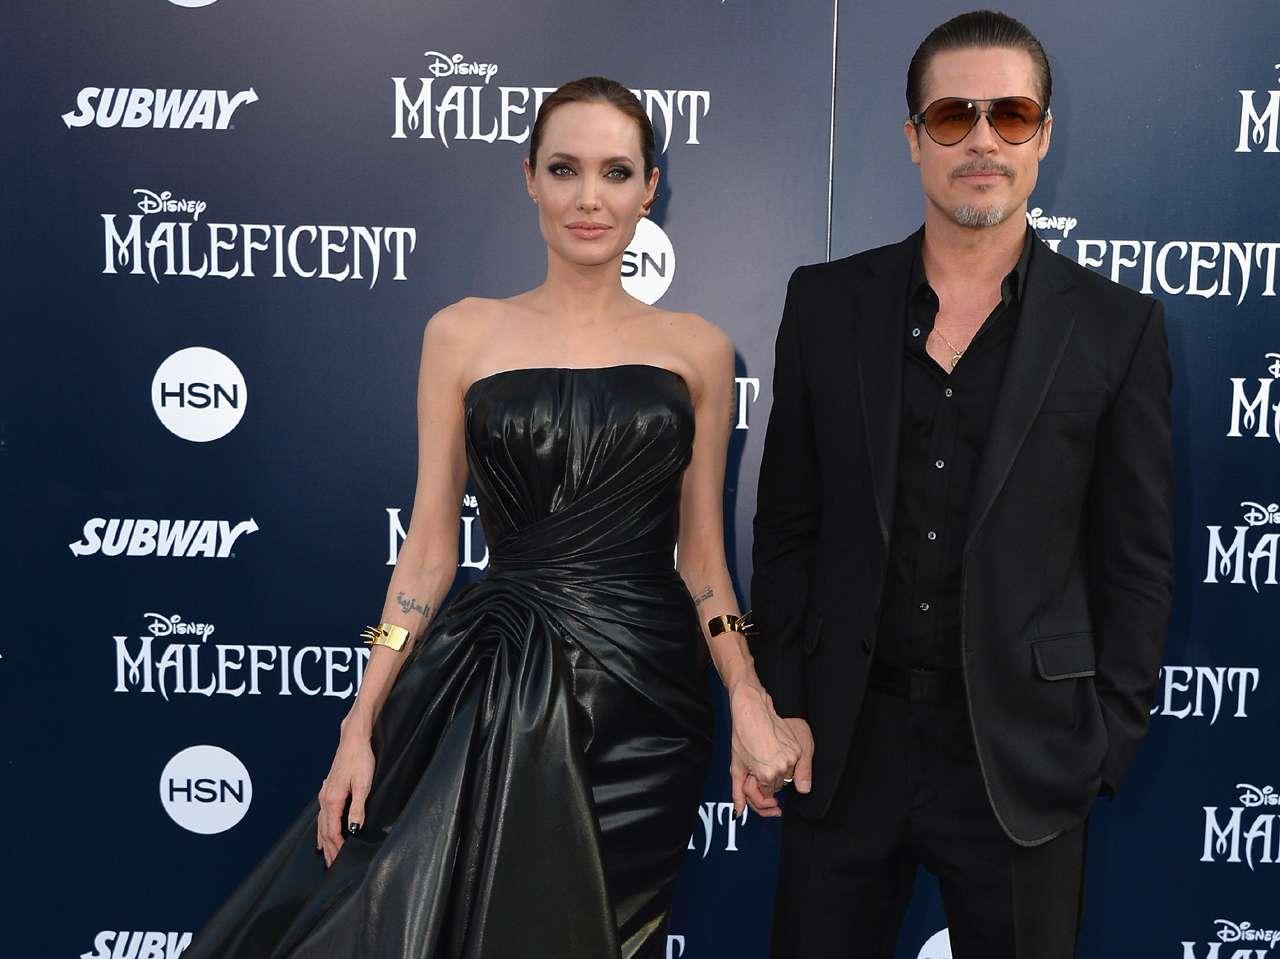 Las parejas de famosos más exitosas del mundo. Angelina Jolie y Brad Pitt. Foto: Getty Images